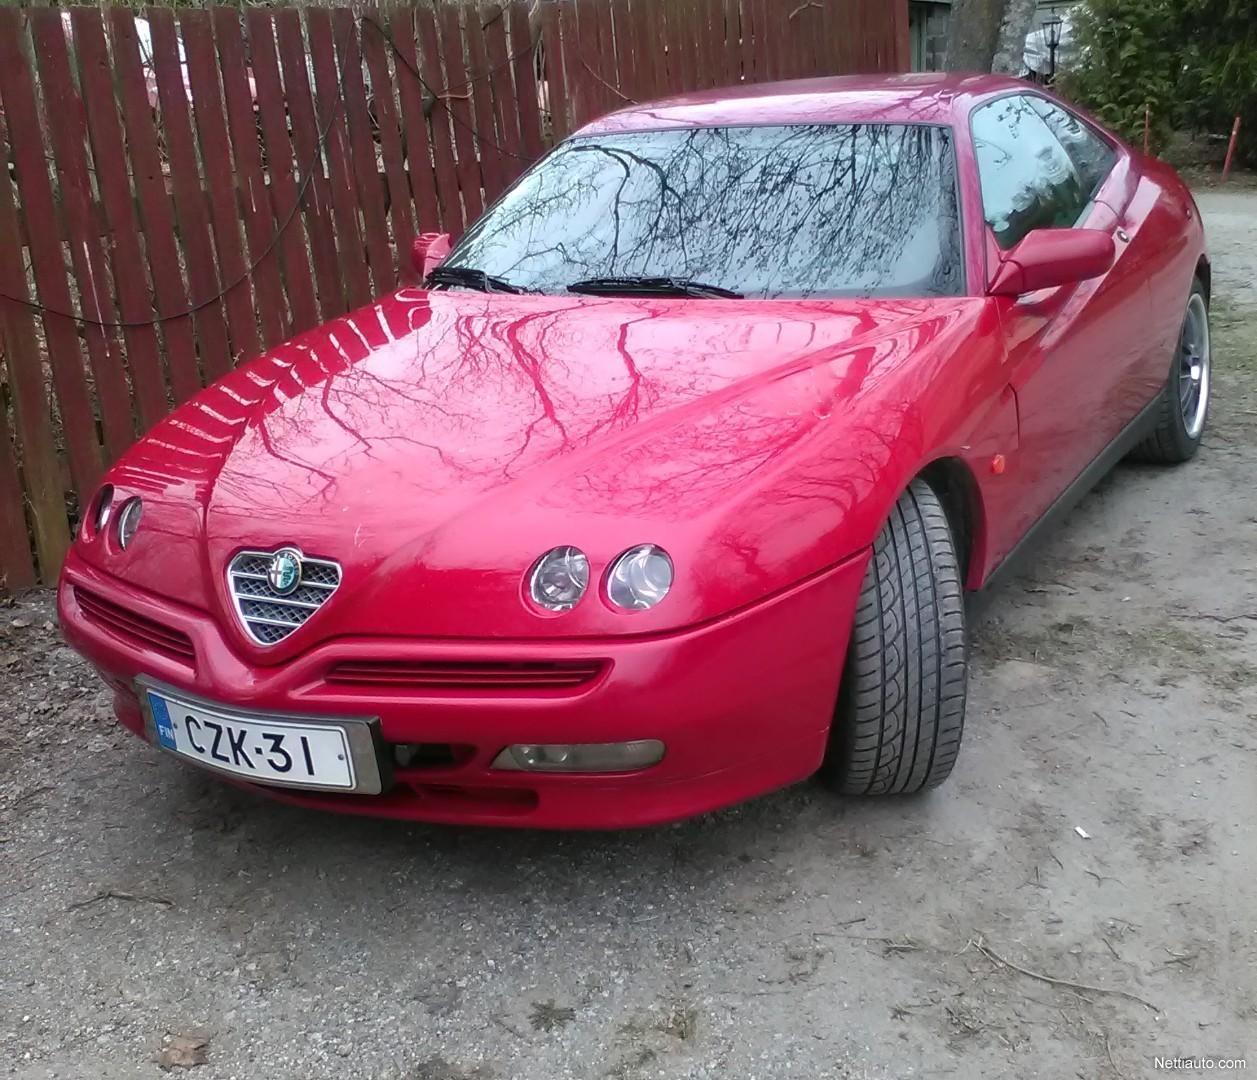 Alfa Romeo GTV 2.0 Twin Spark Coupé 1996